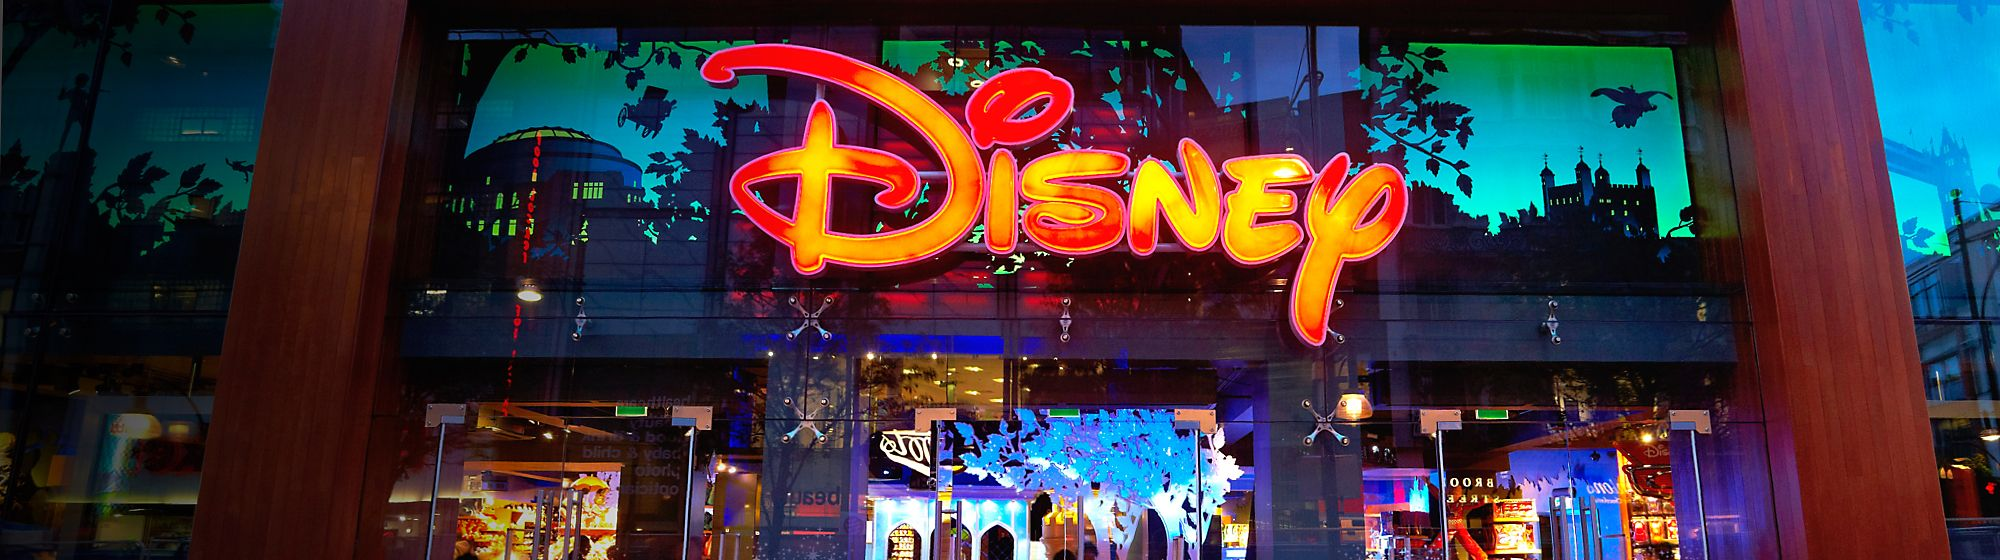 Disney Store La maison mère de tous les jouets, les vêtements et les cadeaux Disney vous propose des produits exclusifs aux couleurs de vos personnages Disney favoris. DÉCOUVRIR